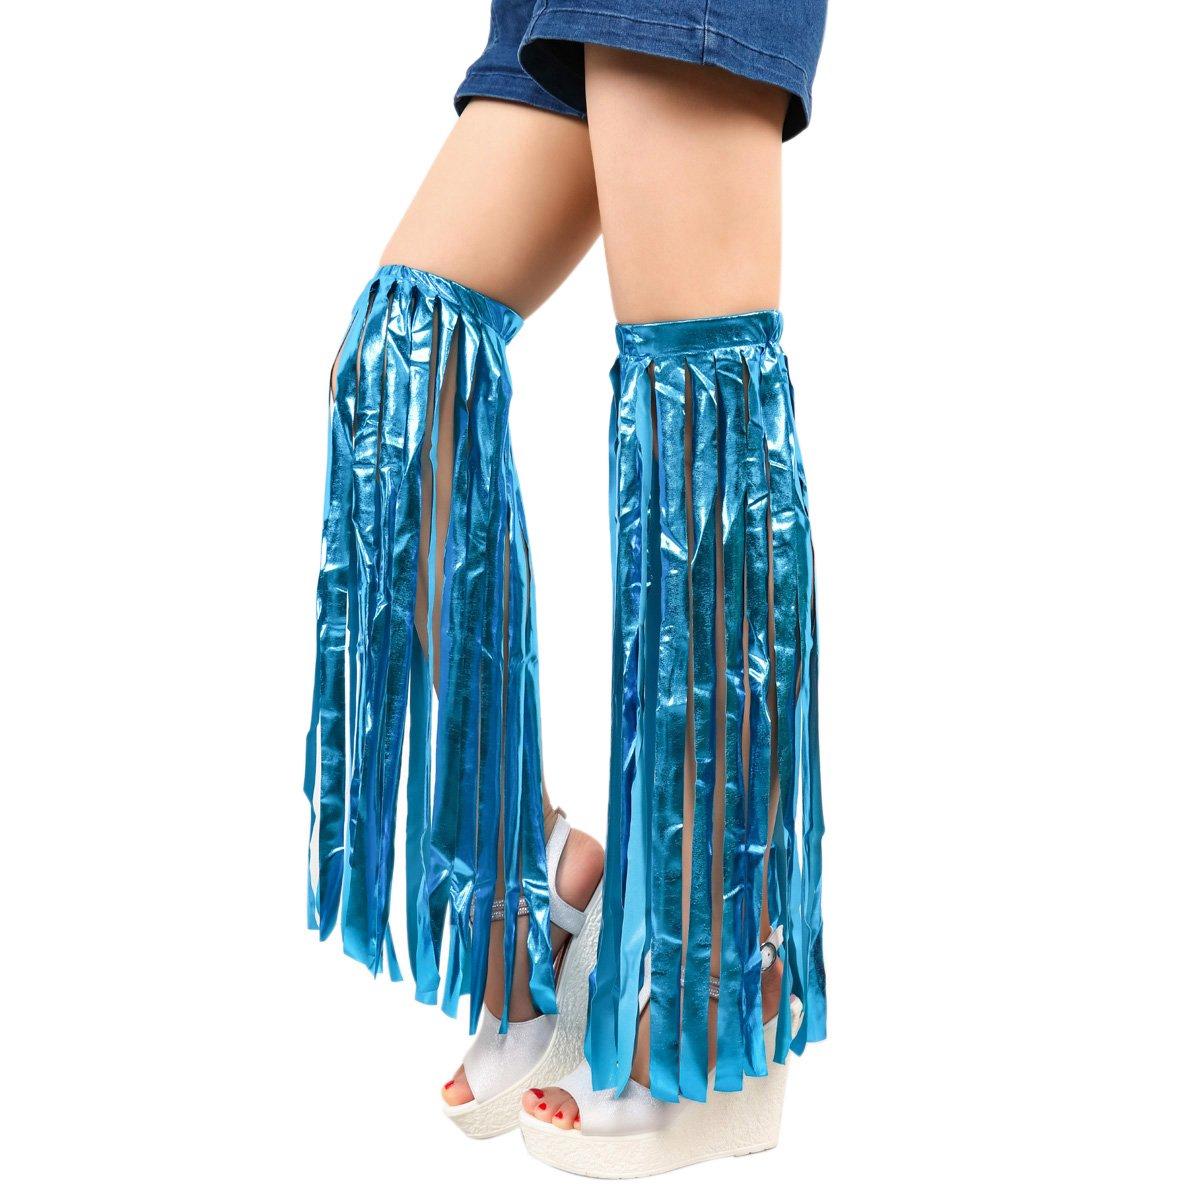 BODY WRAPPERS Filles//Femmes De Danse Velours Jupe Disponible En 3 Couleurs